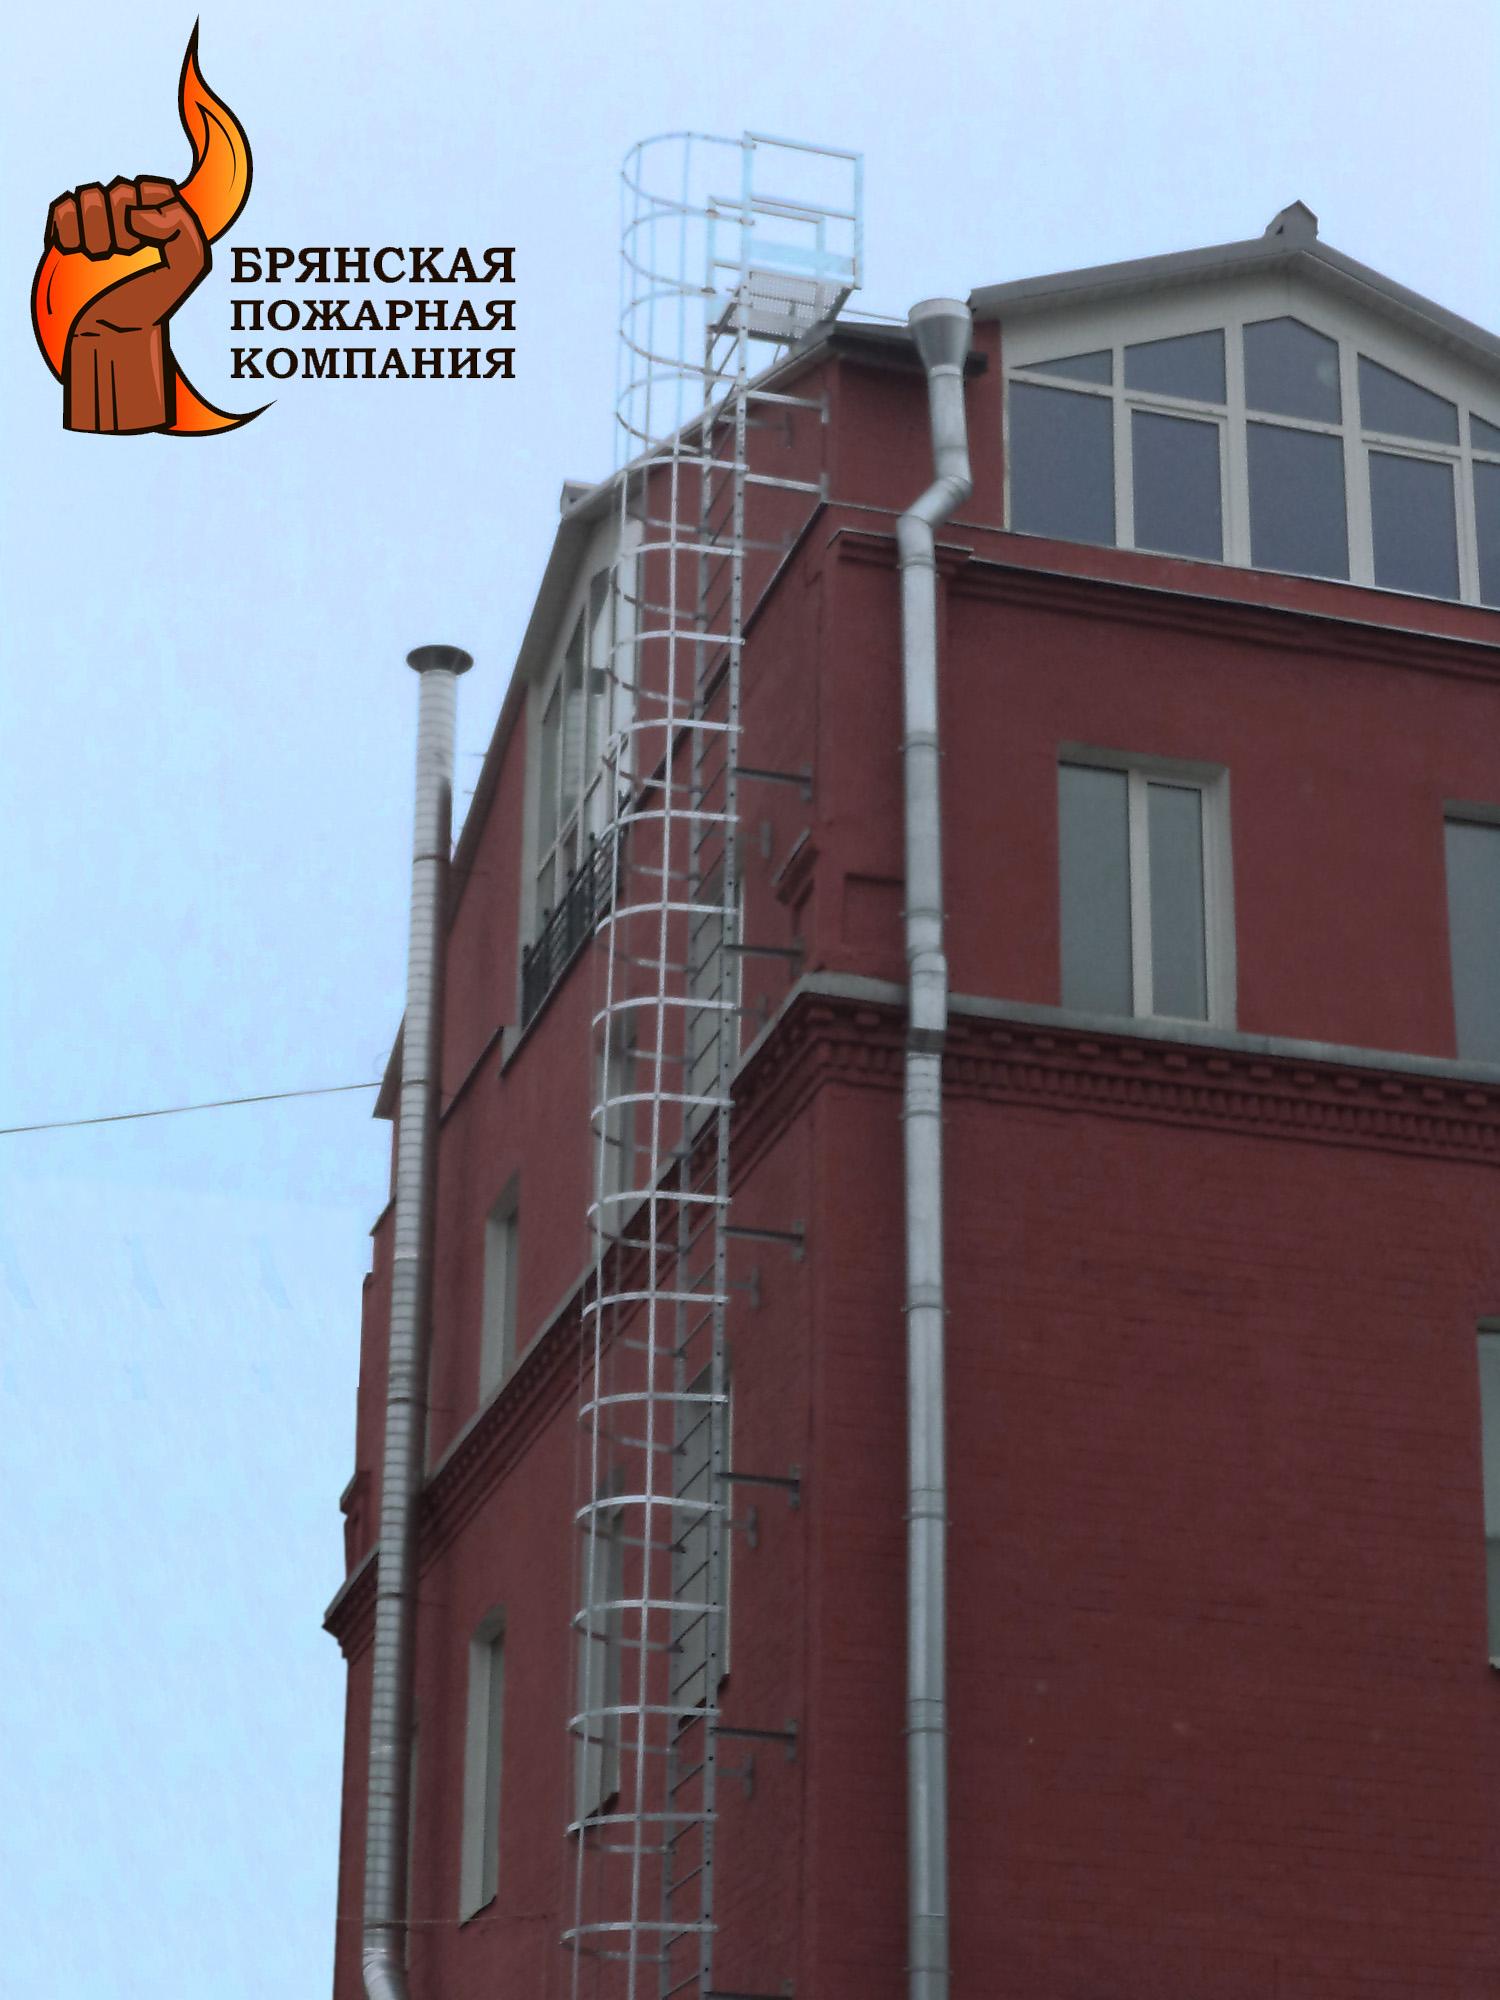 Противопожарные требования к путям эвакуации  ОРБИТАСОЮЗ